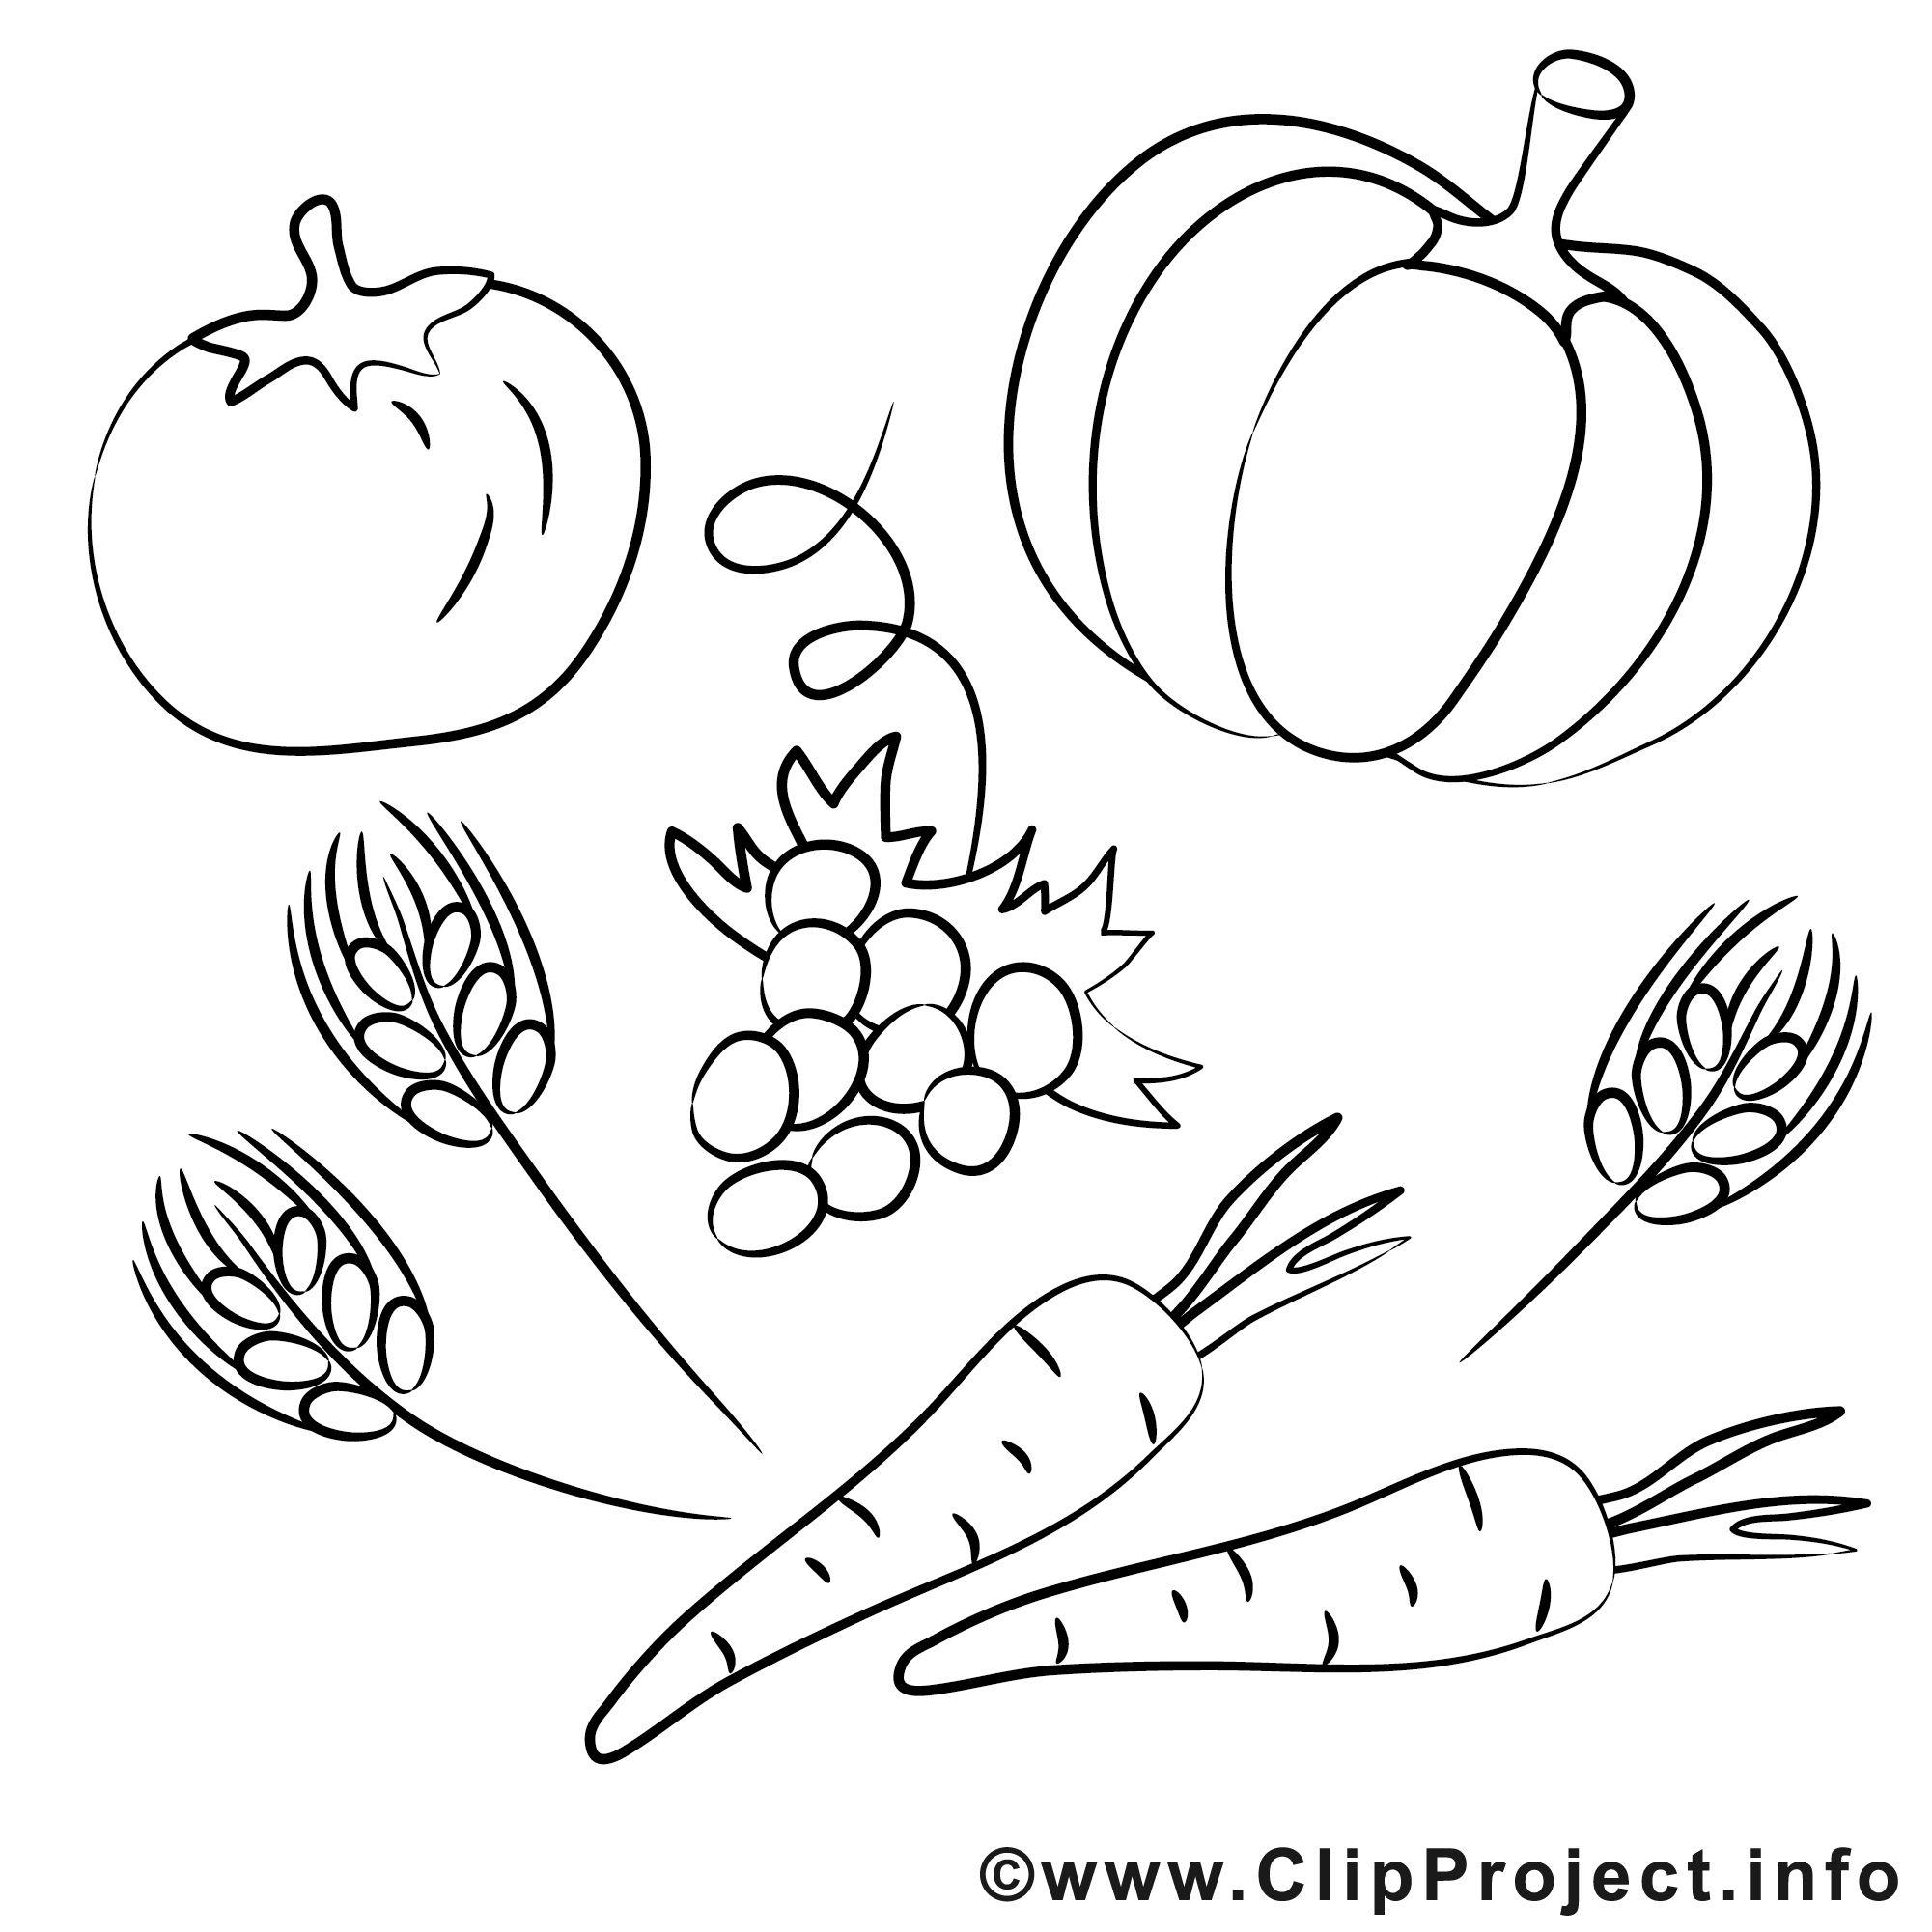 bildergebnis für malvorlage gemüse | kostenlose